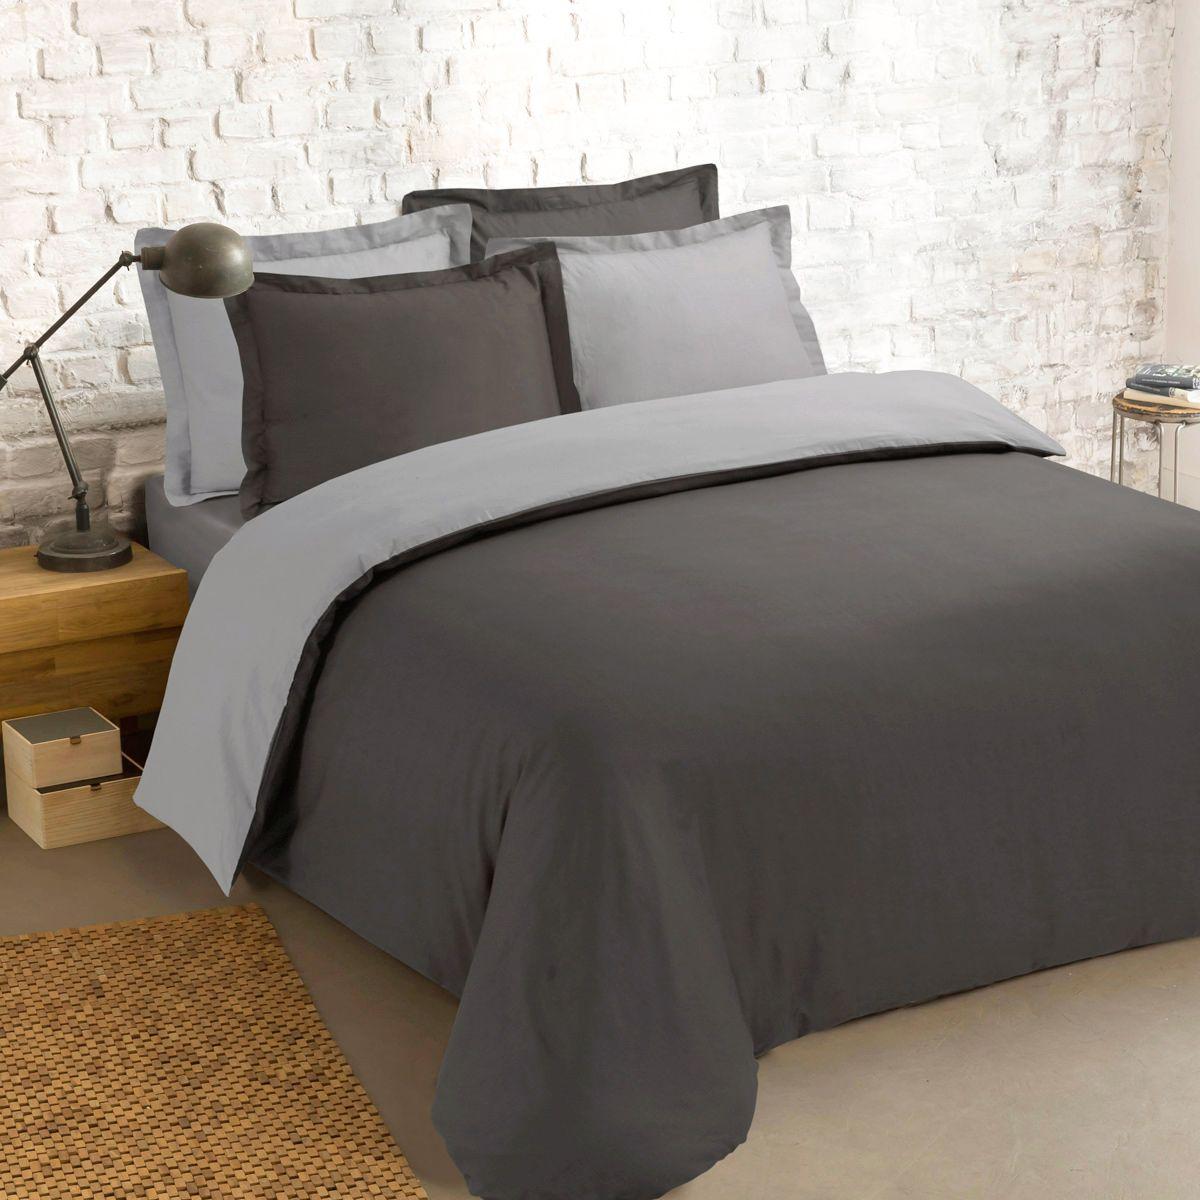 housse de couette et deux taies 260 cm bi color anthracite et gris housse de couette eminza. Black Bedroom Furniture Sets. Home Design Ideas